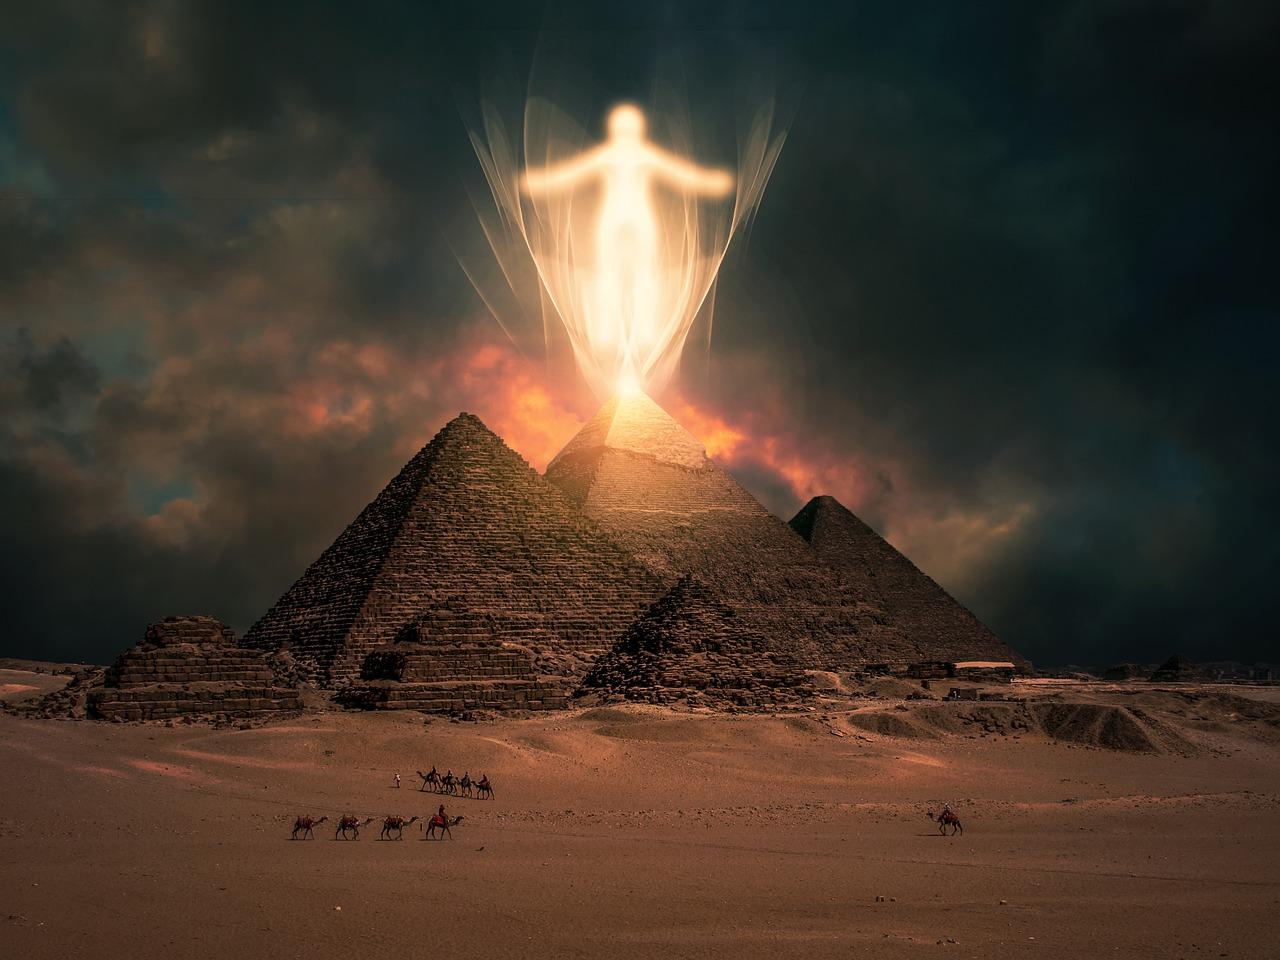 科学者が解明!エジプトのギザの大ピラミッド建設の本当の目的とは?